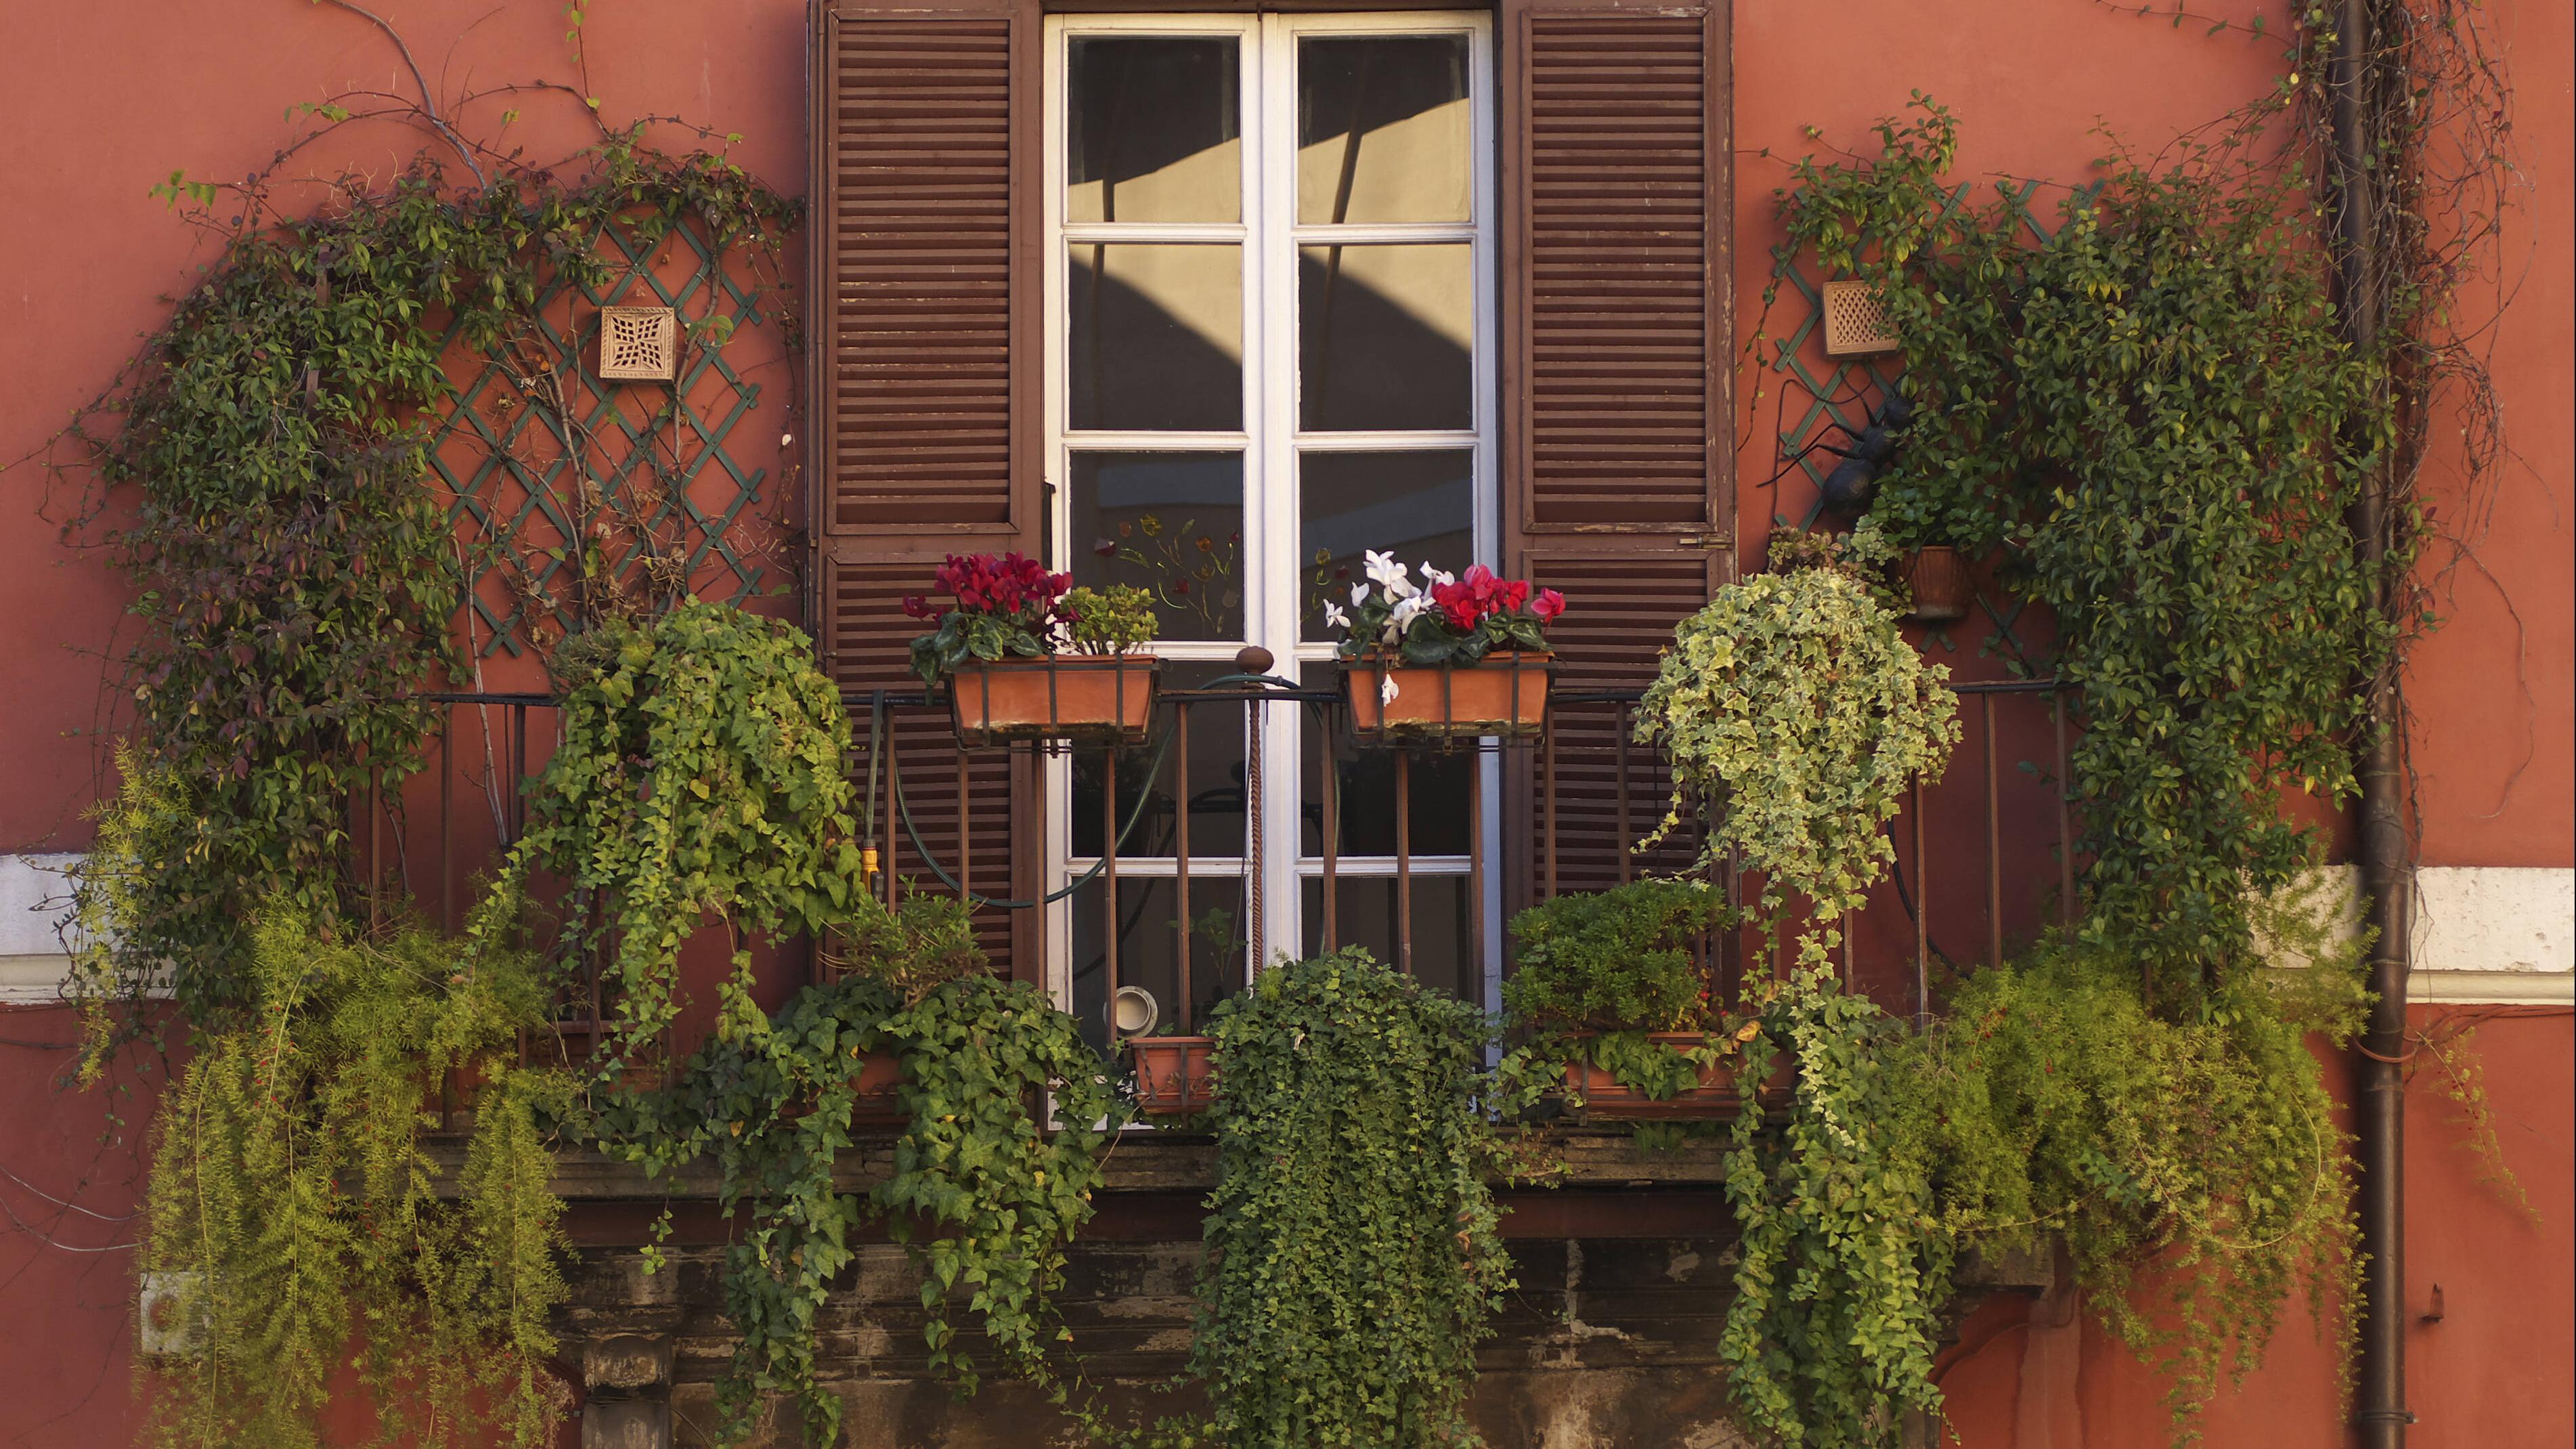 Efeu wächst in der Regel sehr gut auf dem Balkon.